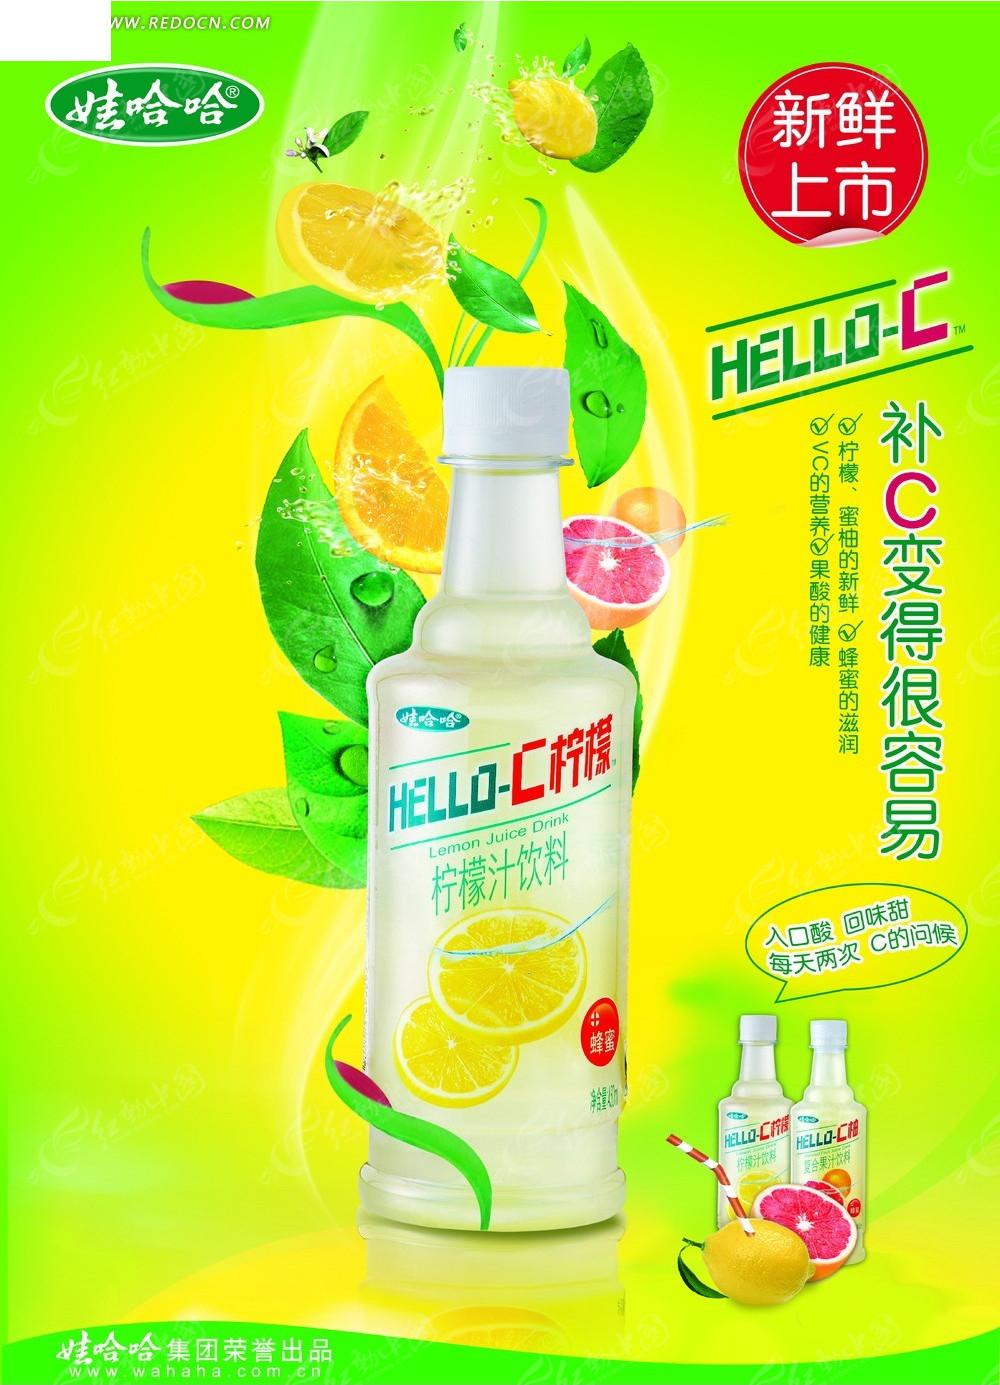 娃哈哈柠檬汁饮料广告海报图片